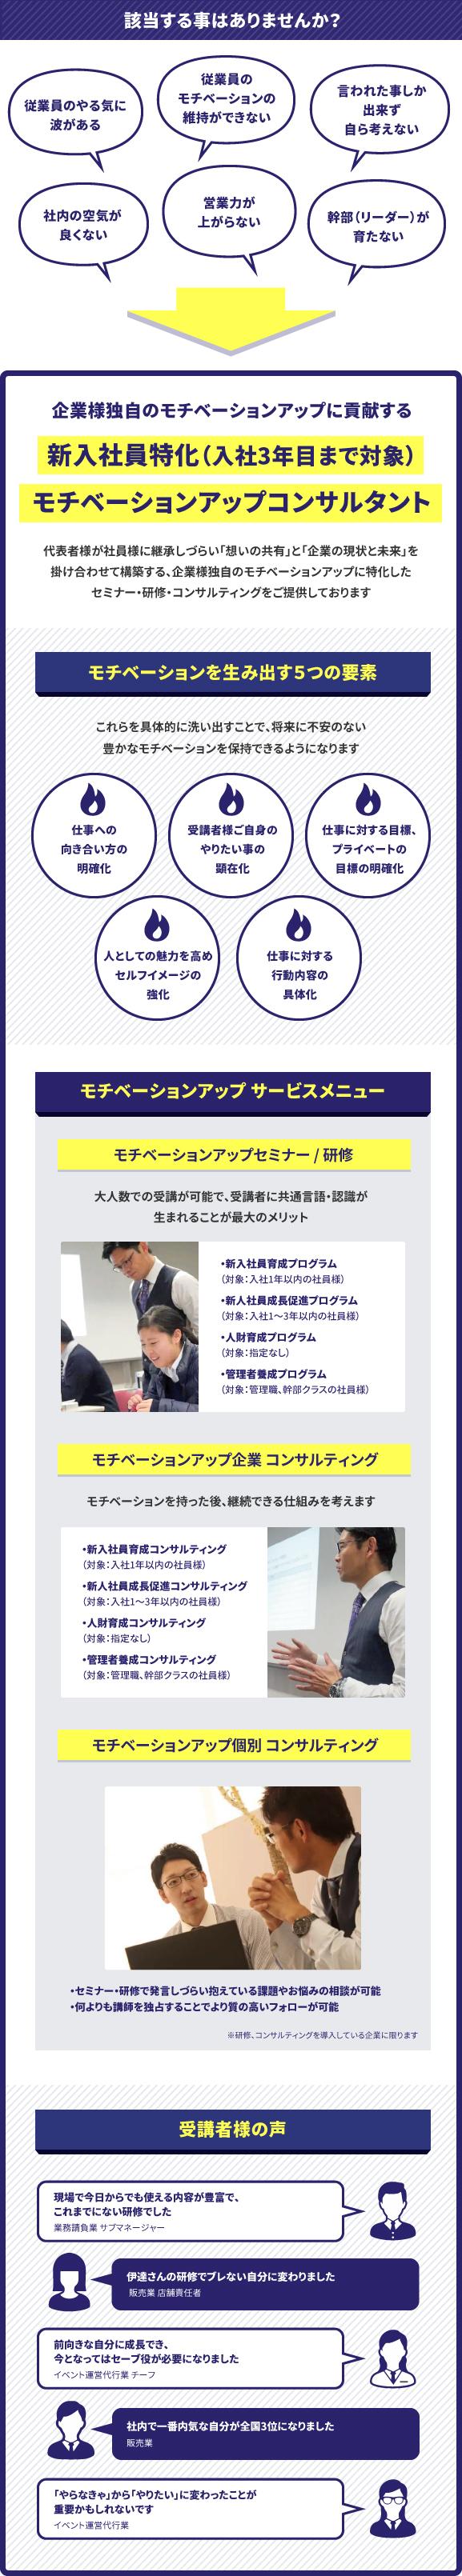 新入社員特化(入社3年目まで対象)モチベーションアップコンサルタント